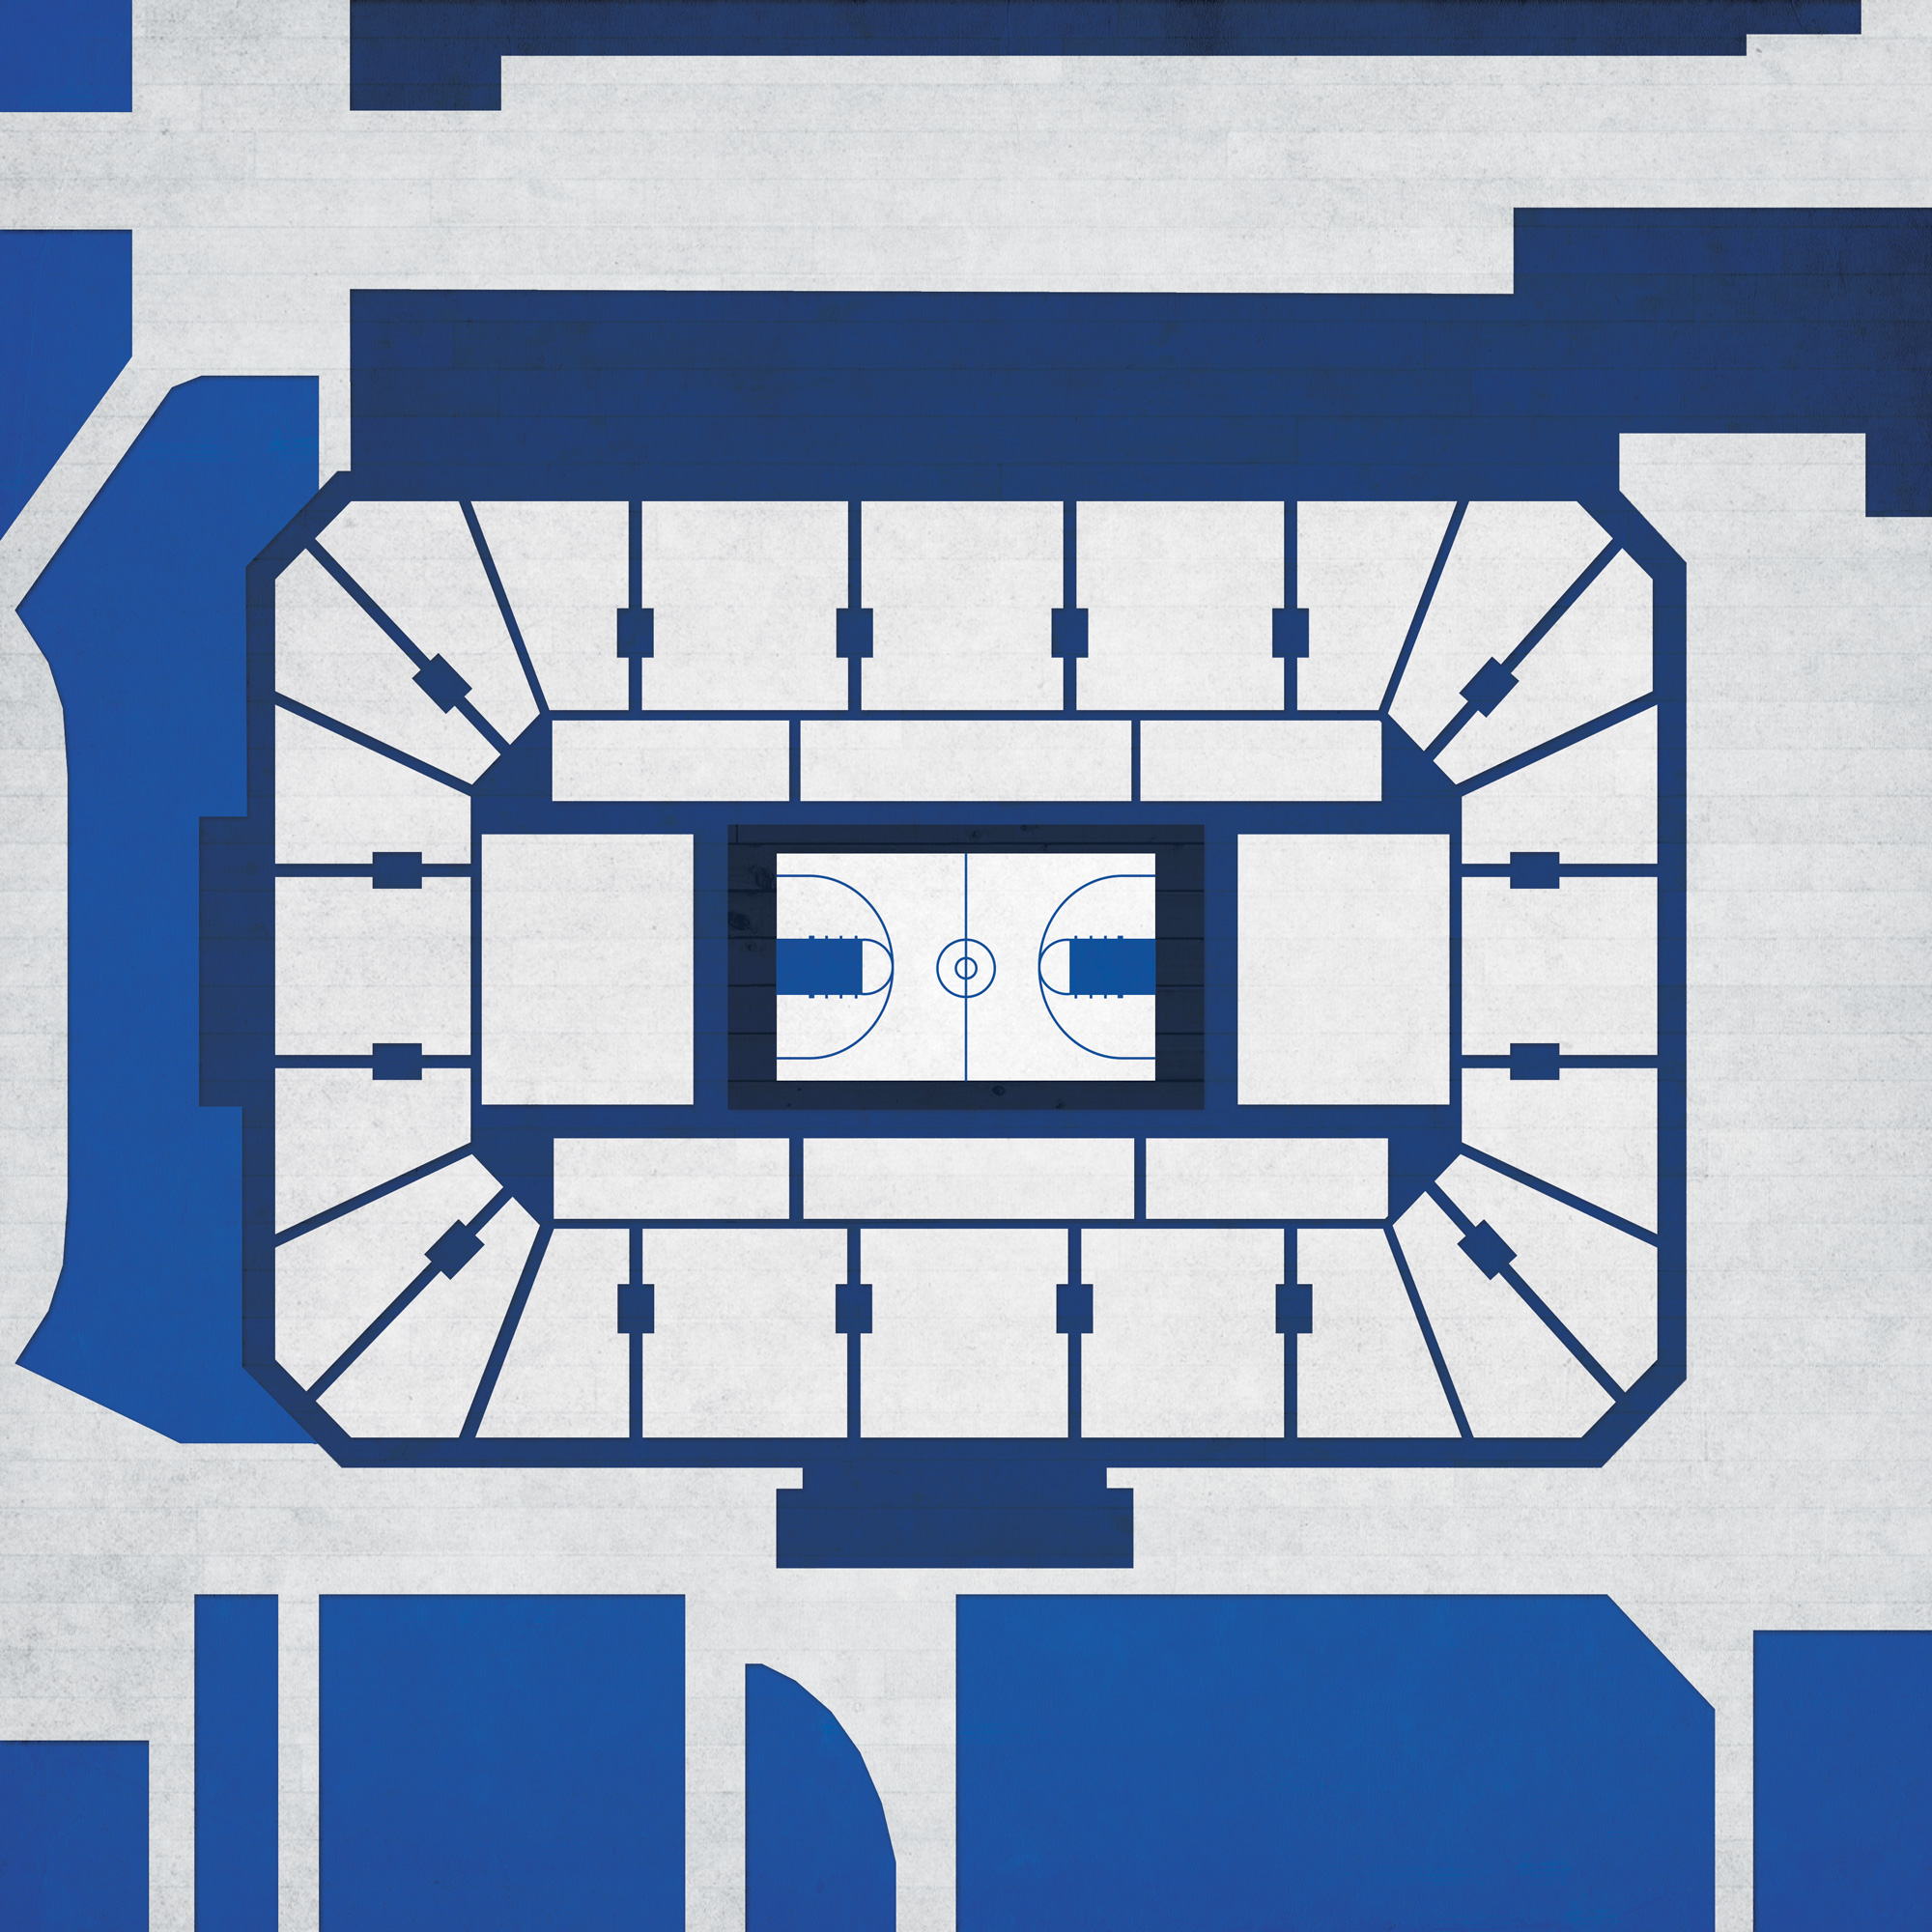 Duke Blue Devils Basketball Stadium